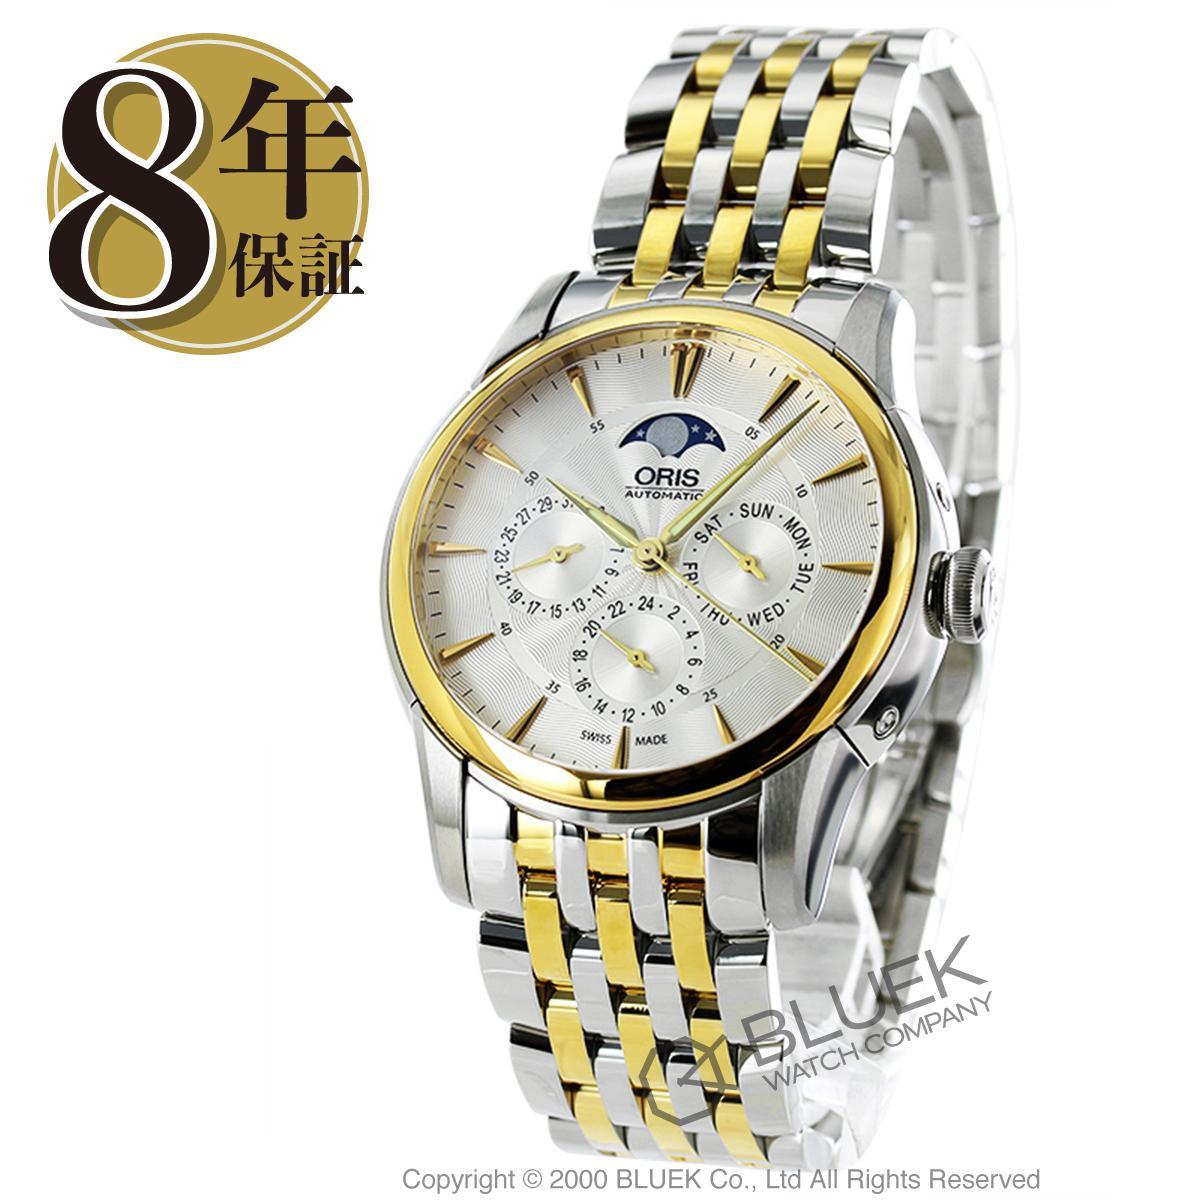 【3,000円OFFクーポン対象】オリス アートリエ コンプリケーション ムーンフェイズ 腕時計 メンズ ORIS 582 7689 4351M_8